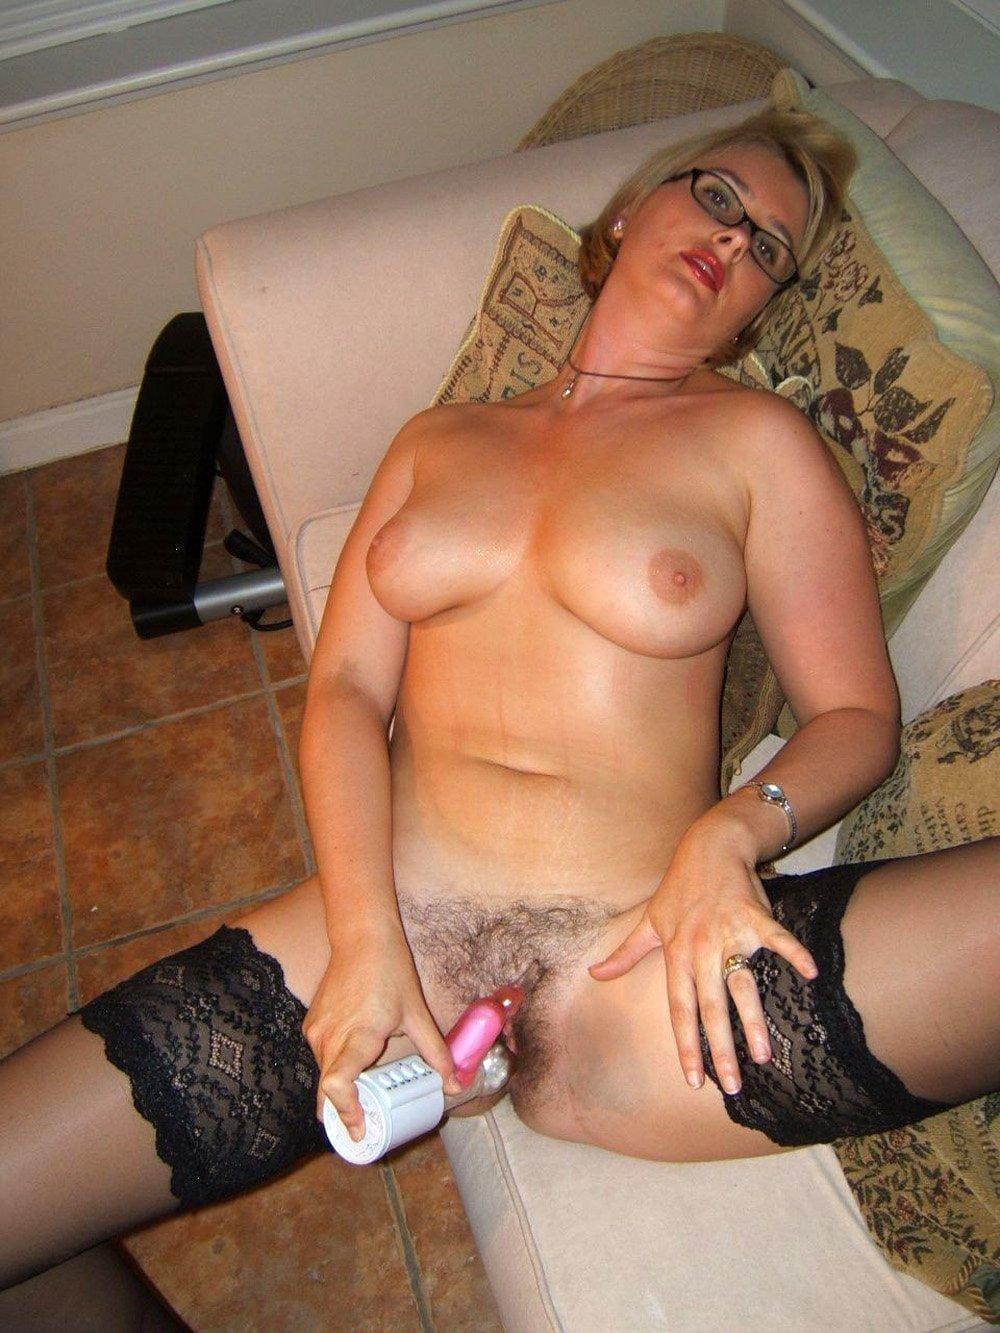 порно зрелые мастурбируют блондинка с короткой стрижкой волосатой пиздой в очках, черных чулках лежит на диване голая в черных чулках небритая пизда широко раздвинула ноги мастурбирует вибратором кролик